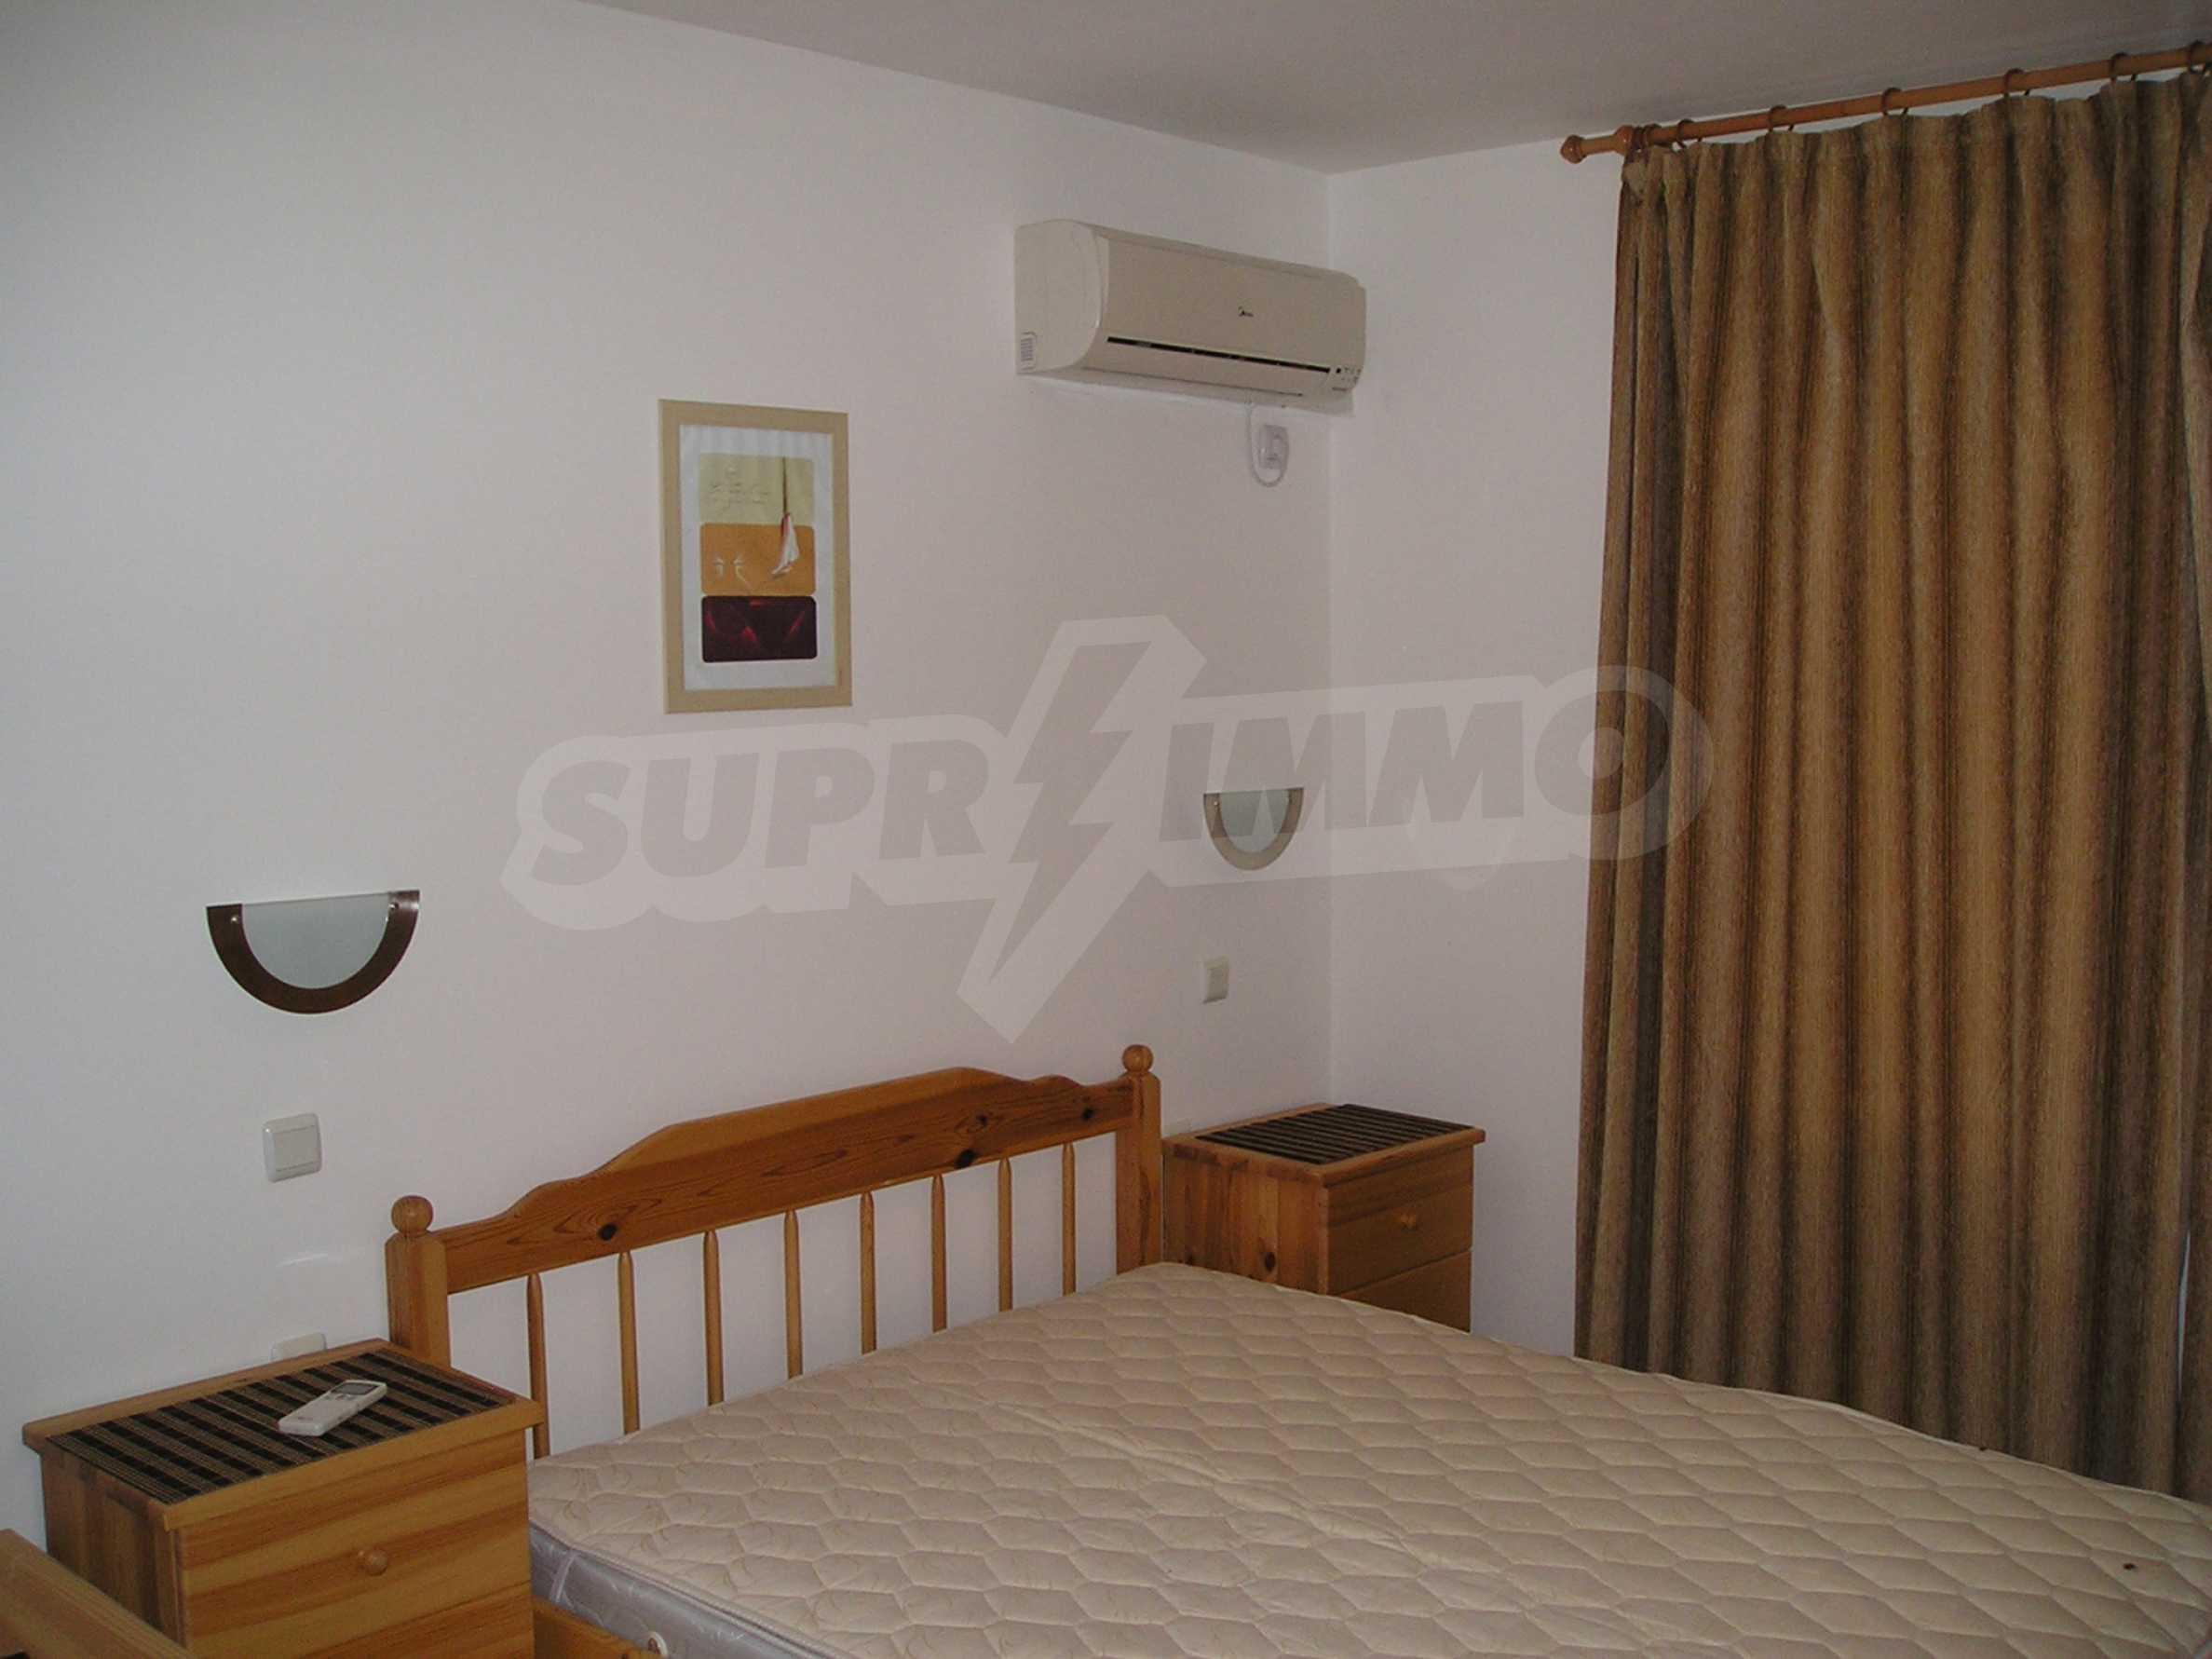 Ein-Zimmer-Wohnung in Sunset Apartments 1 in Kosharitsa 14